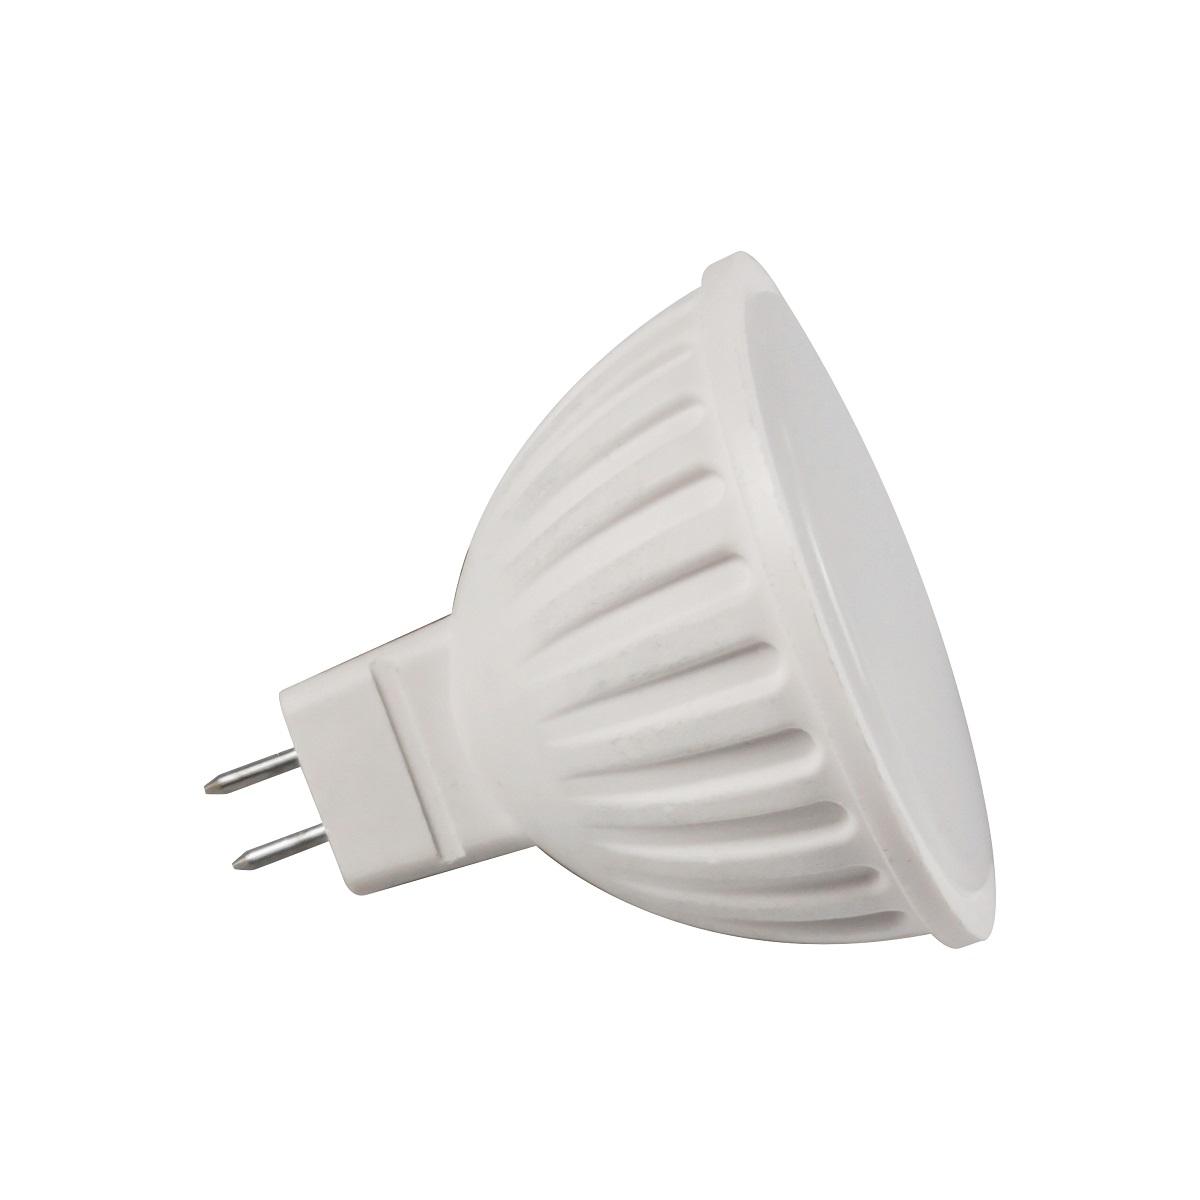 Лампа светодиодная Lieberg, теплый свет, цоколь GU5.3, 7WC0027362Светодиодная лампа (рефлектор) LIEBERG мощностью 7Вт - это инновационный и экологичный источник света, позволяющий сэкономить до 90% на электроэнергии. Лампа не пульсирует, ресурс составляет 40 000 часов работы. Угол свечения 120°. Эффективный драйвер обеспечивает стабильную работу при резких перепадах входного напряжения (175 -265В). Область применения: общее, локальное и аварийное освещение.